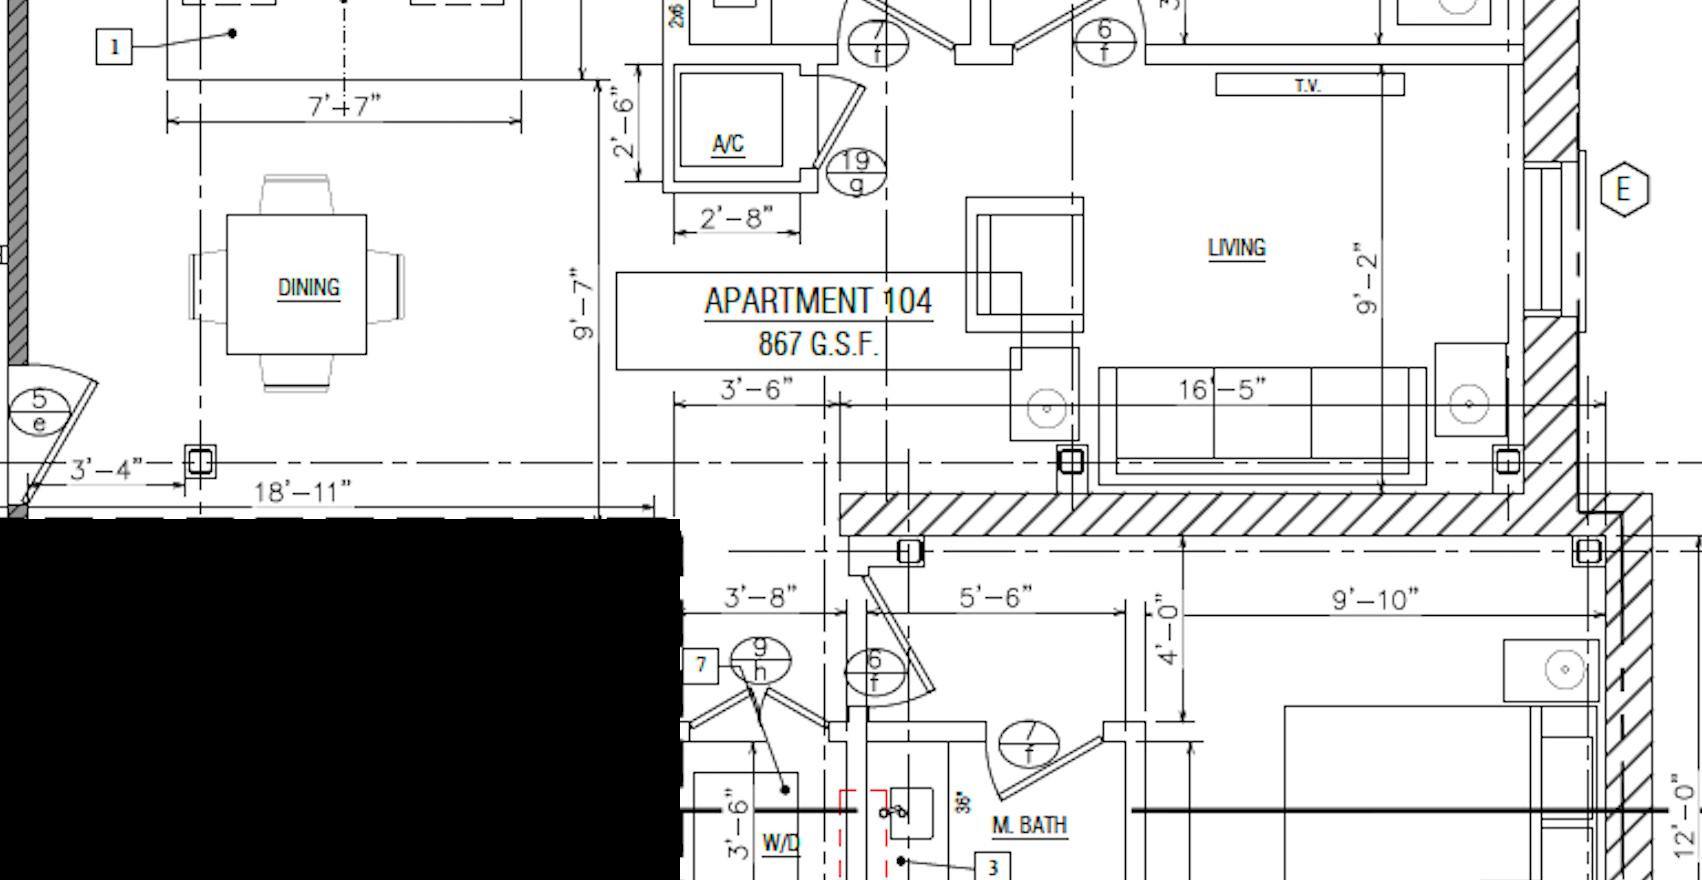 Apartment 104